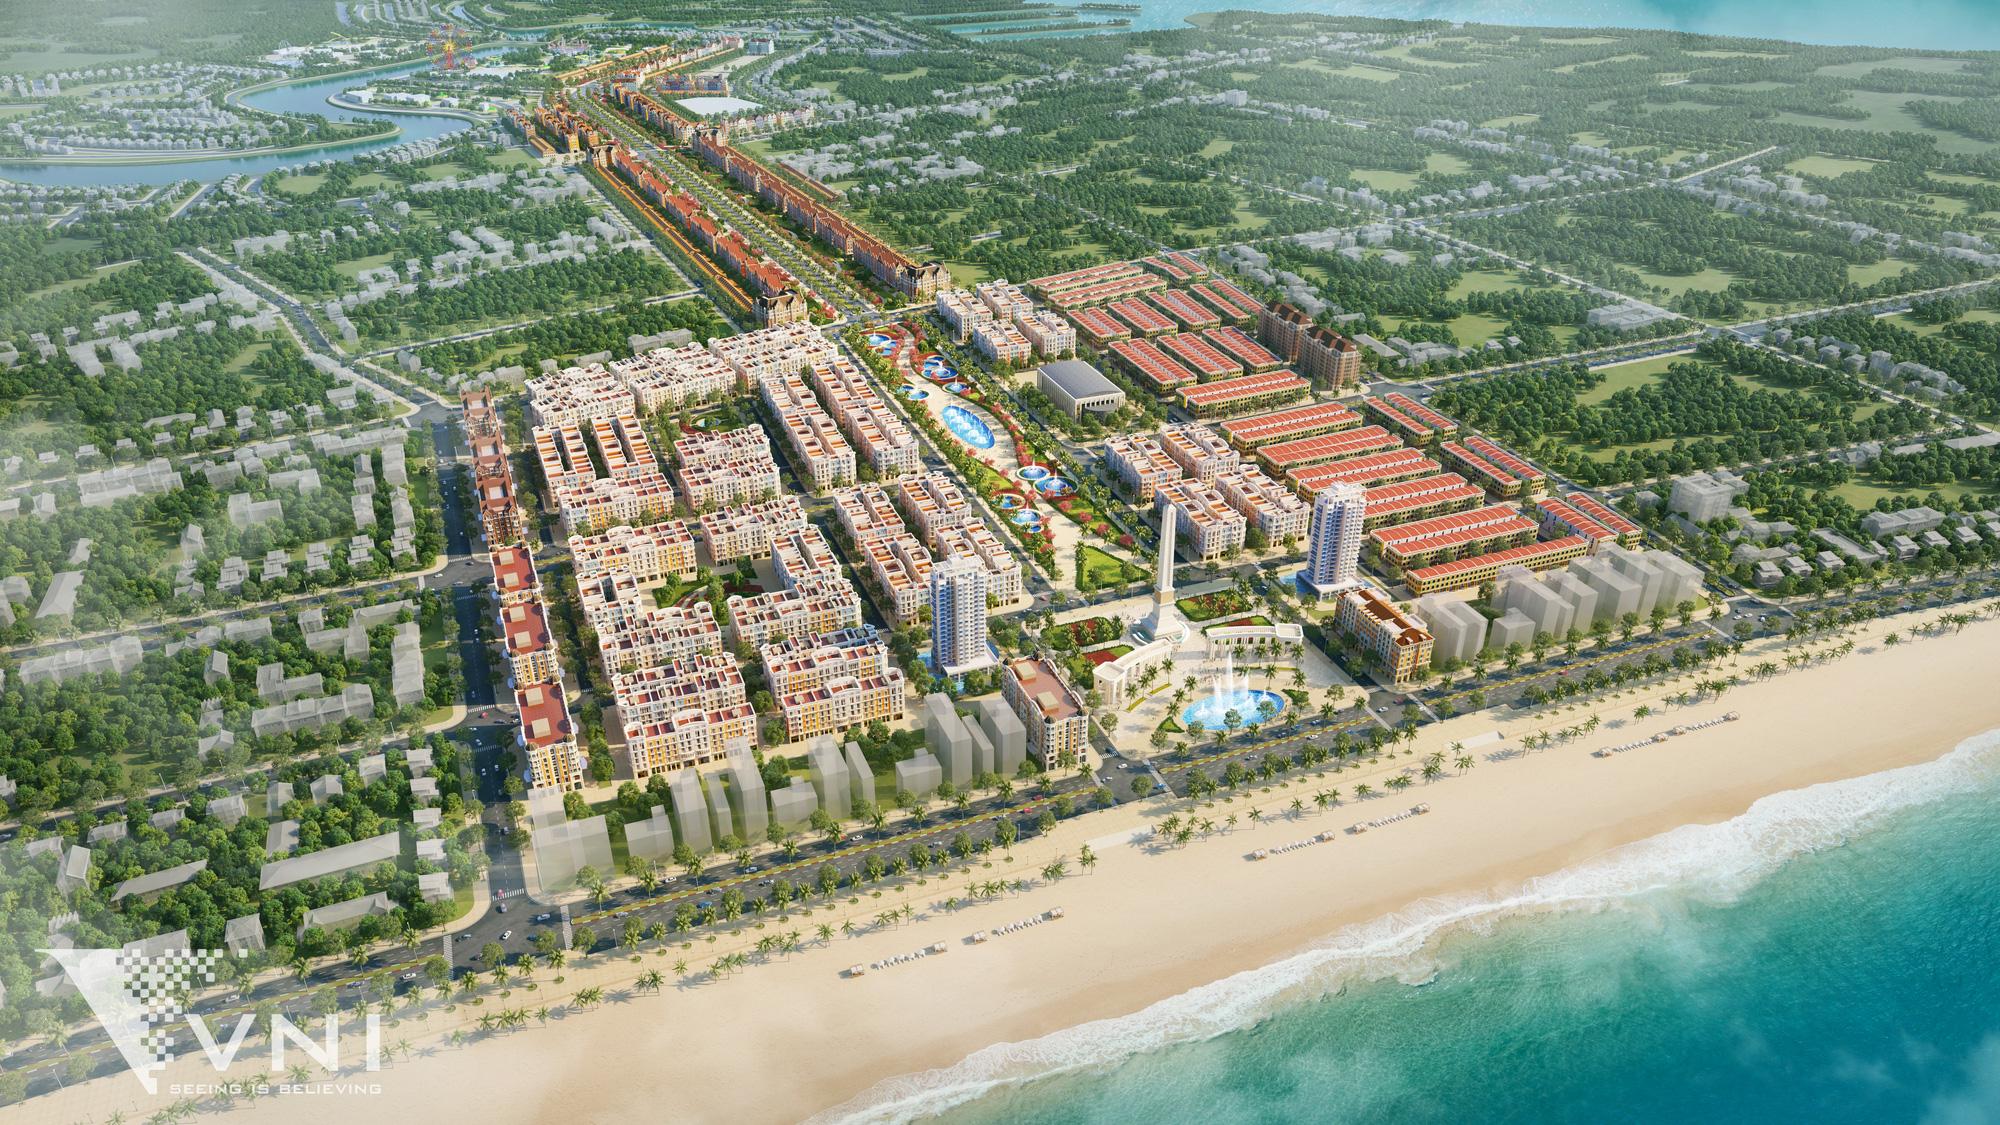 Tập đoàn Sun Group khởi công dự án tỷ USD tại Thanh Hóa - Ảnh 1.